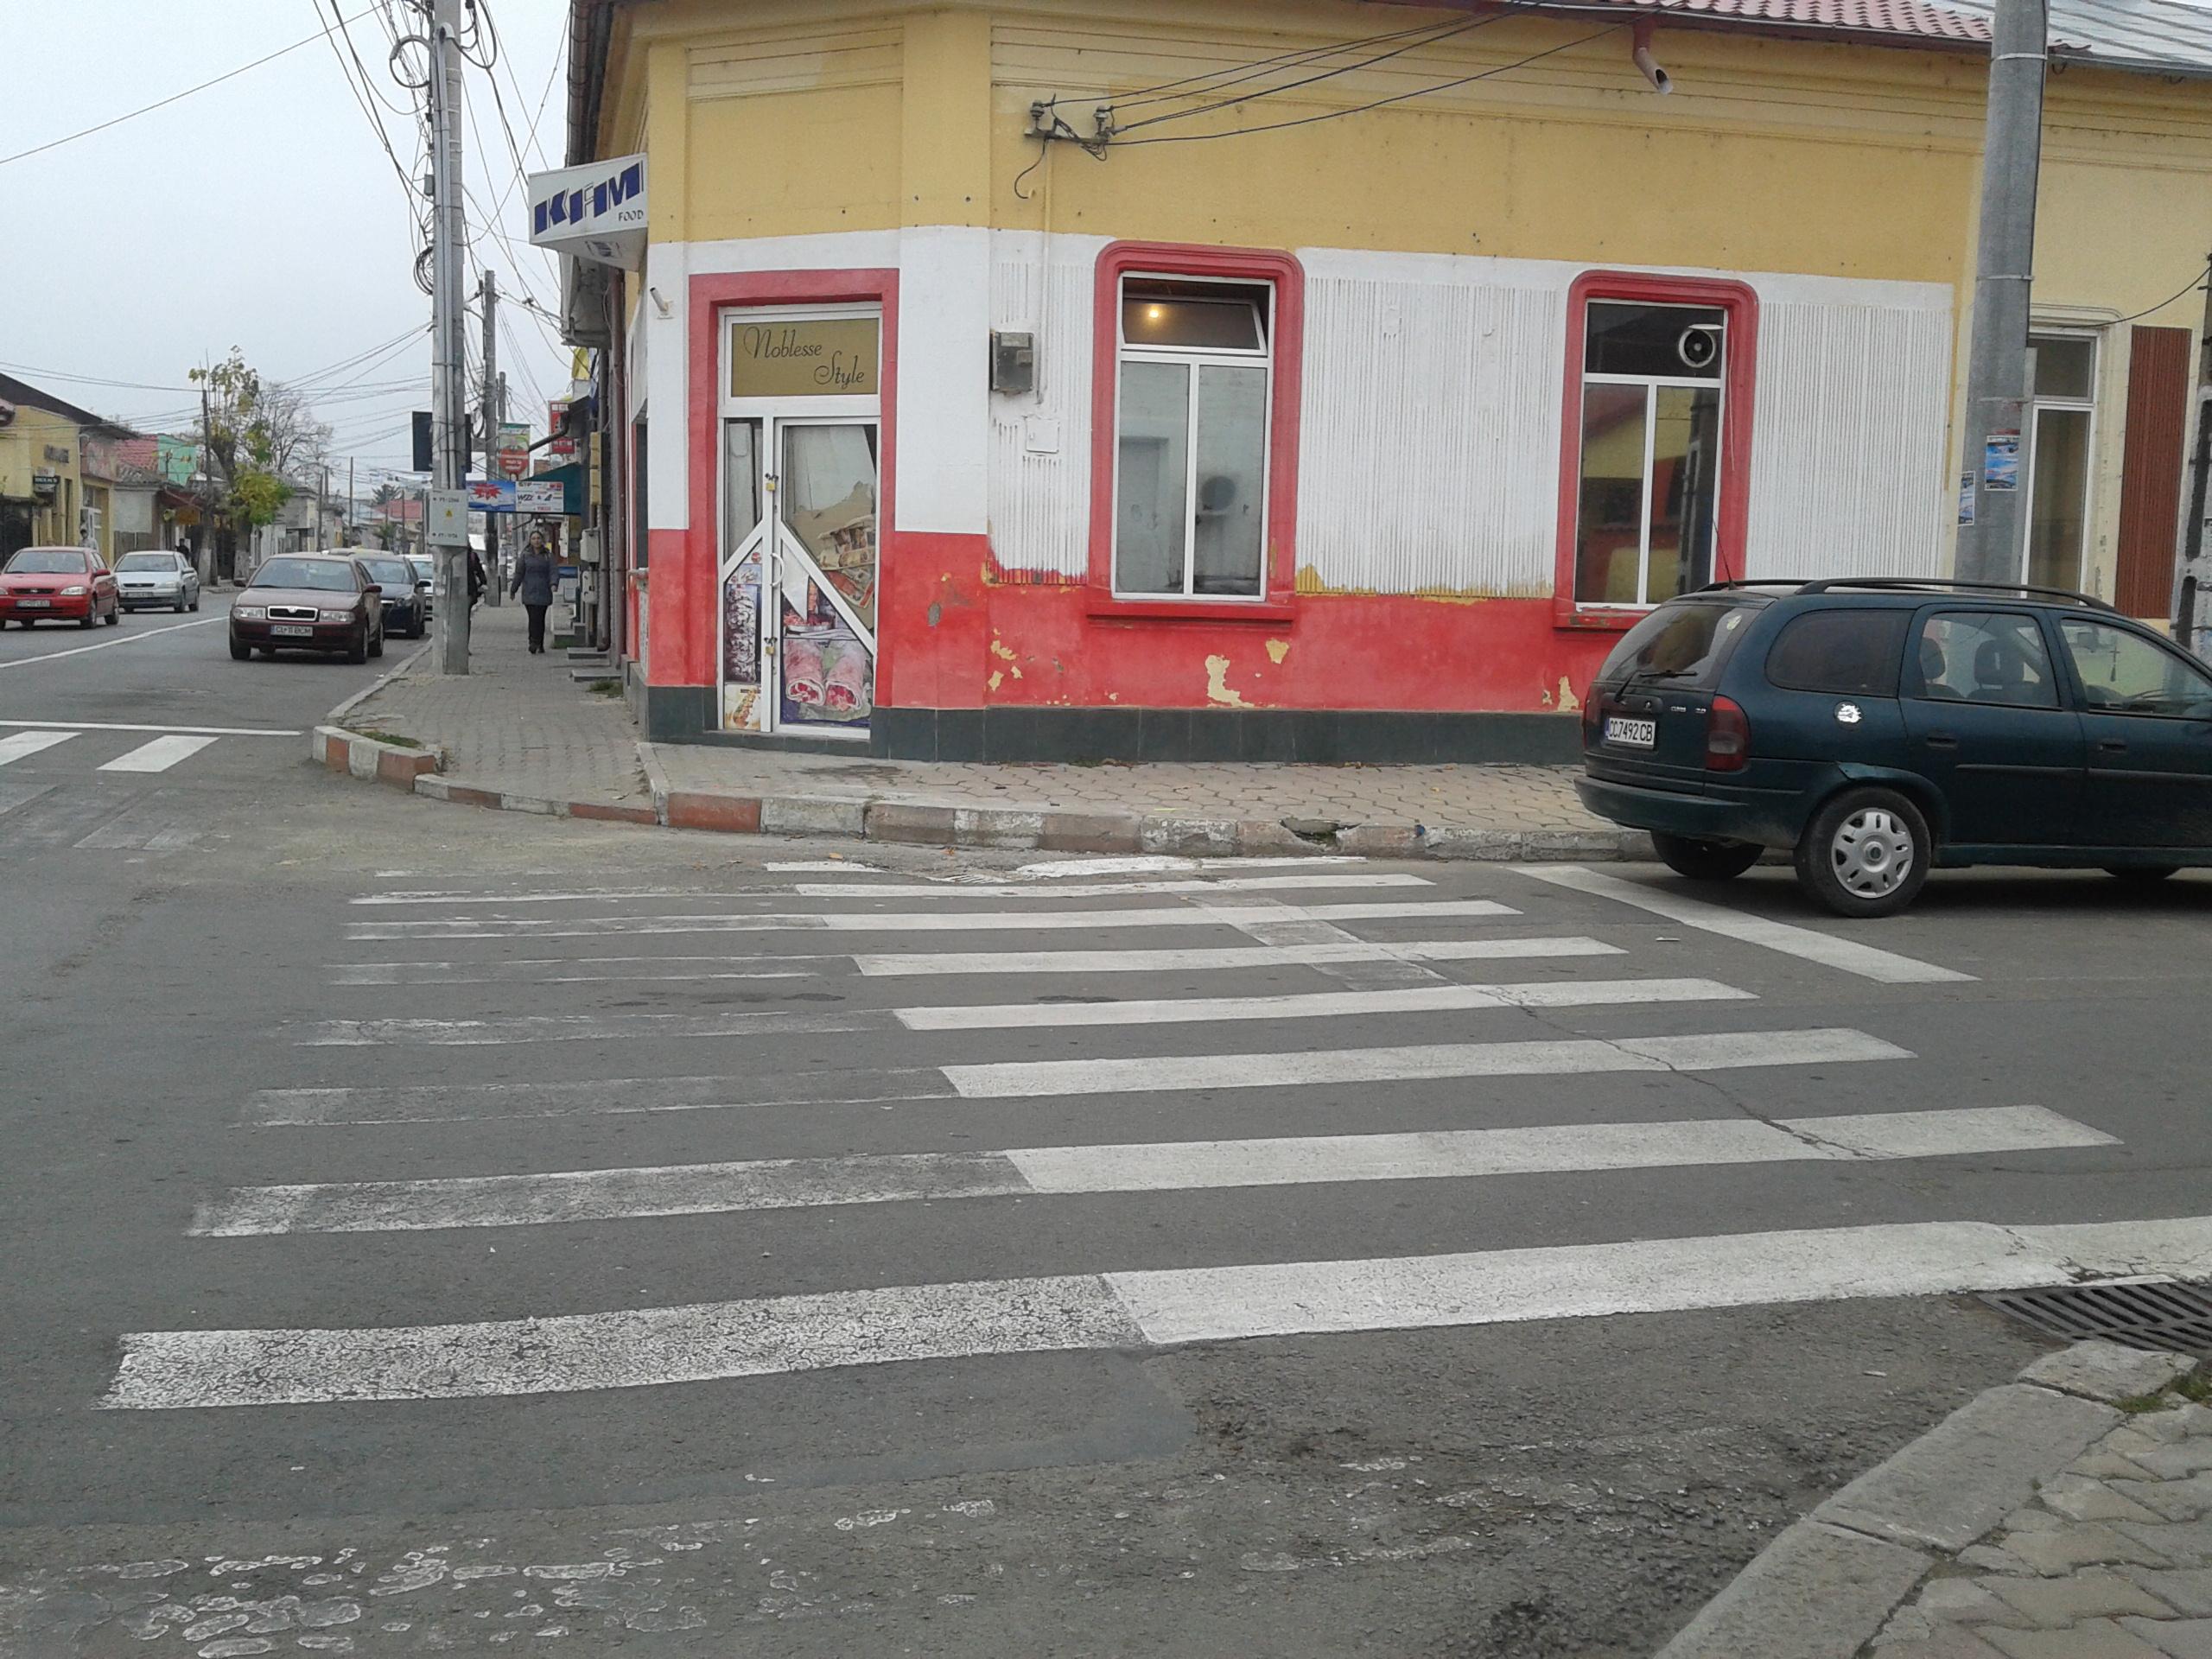 În Călăraşi, marcajele rutiere trasate, recent, au devenit aproape invizibile